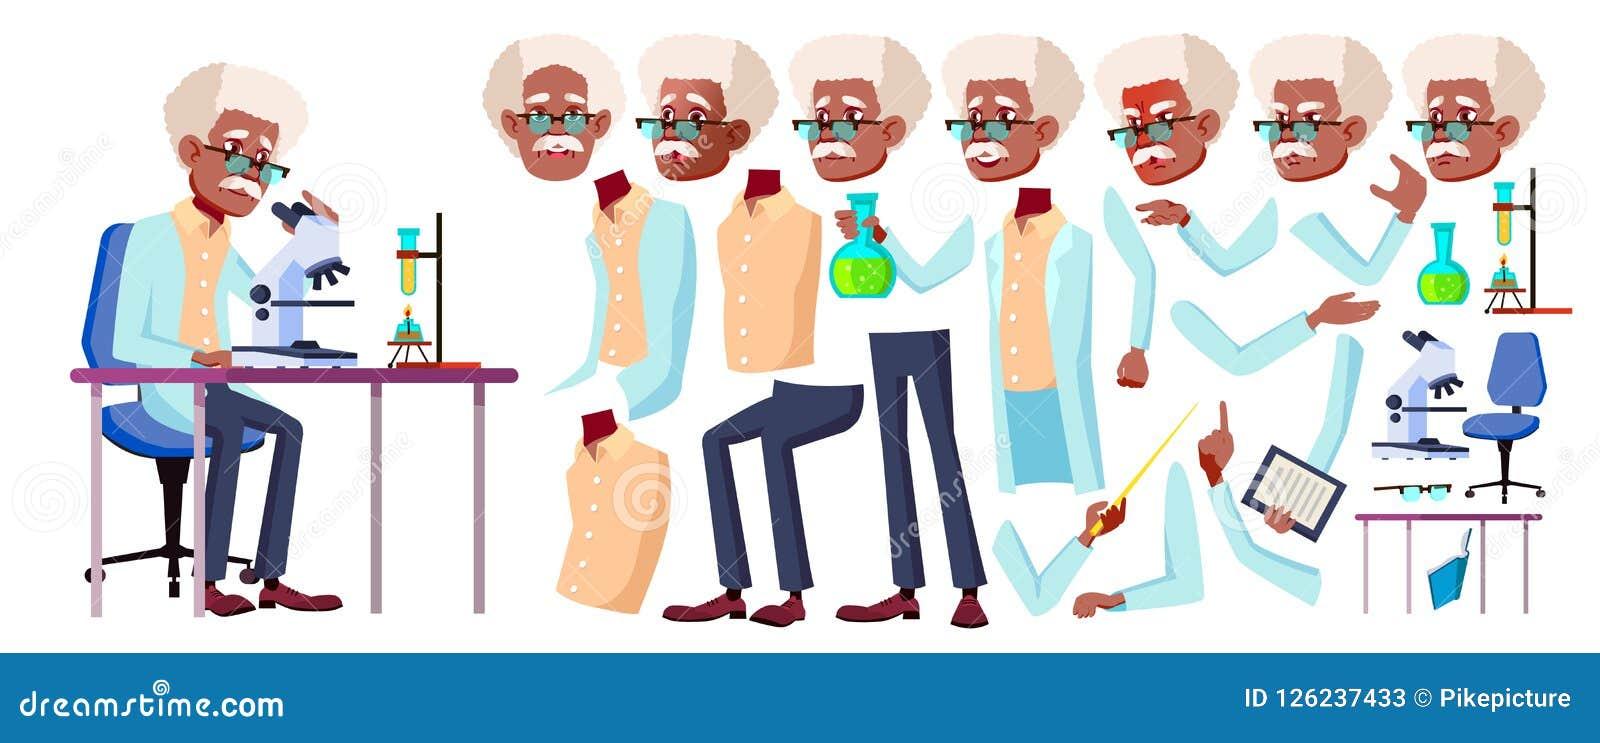 人老向量 投反对票 美国黑人 资深人画象 老年人 年龄 动画创作集合 表面